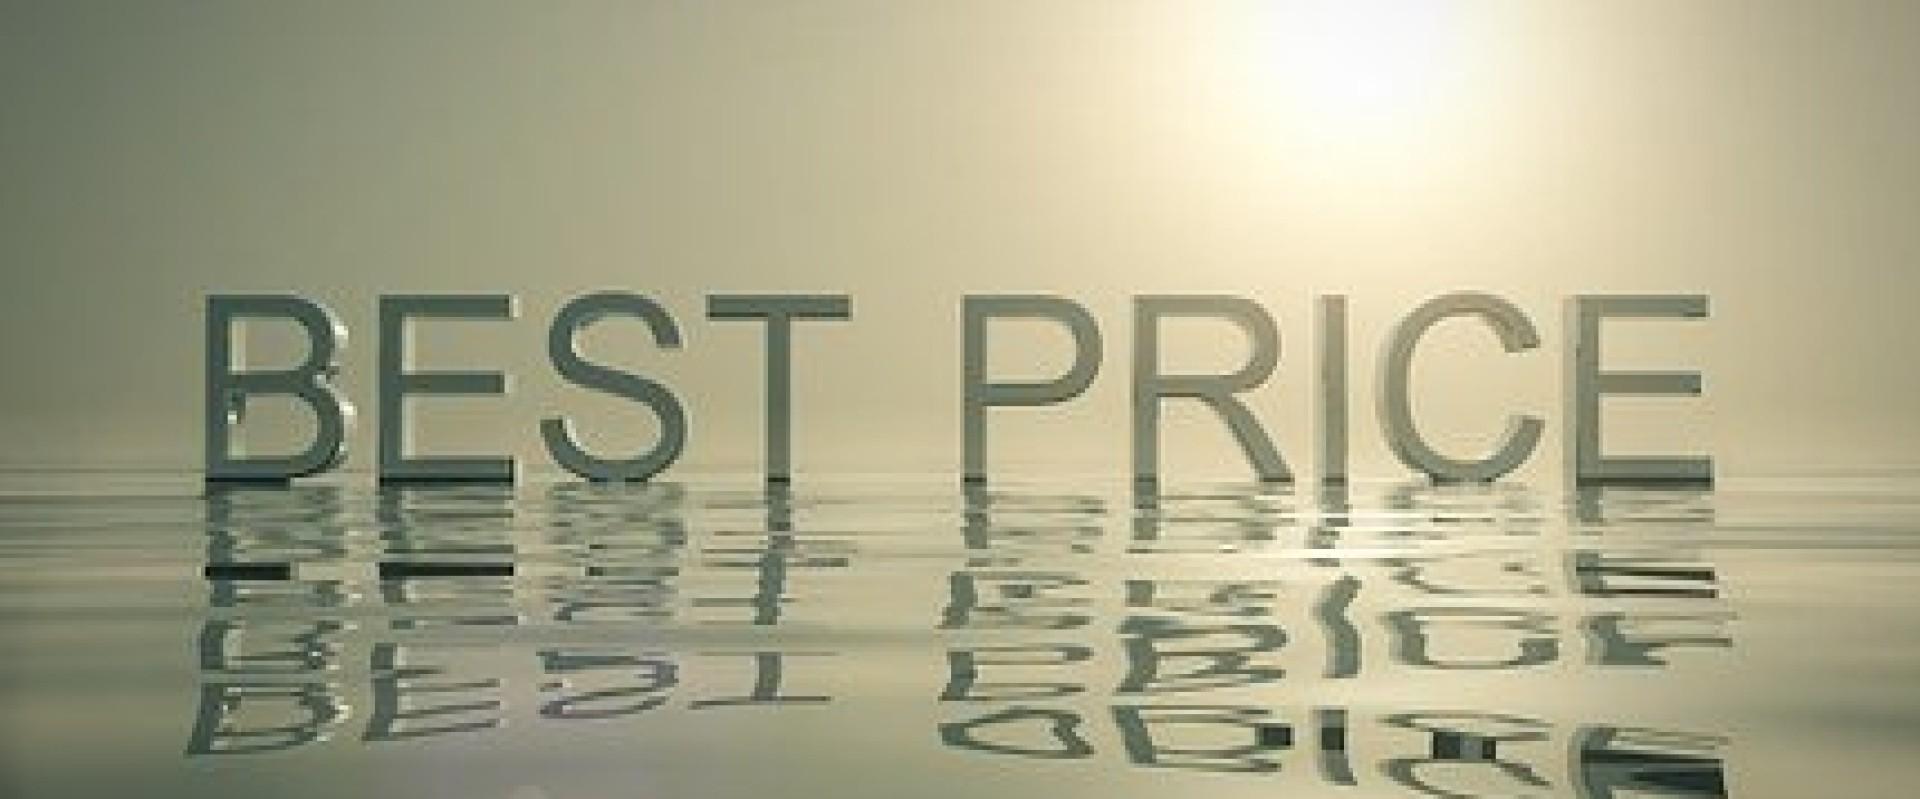 De juiste prijs bepalen voor jouw product/dienst